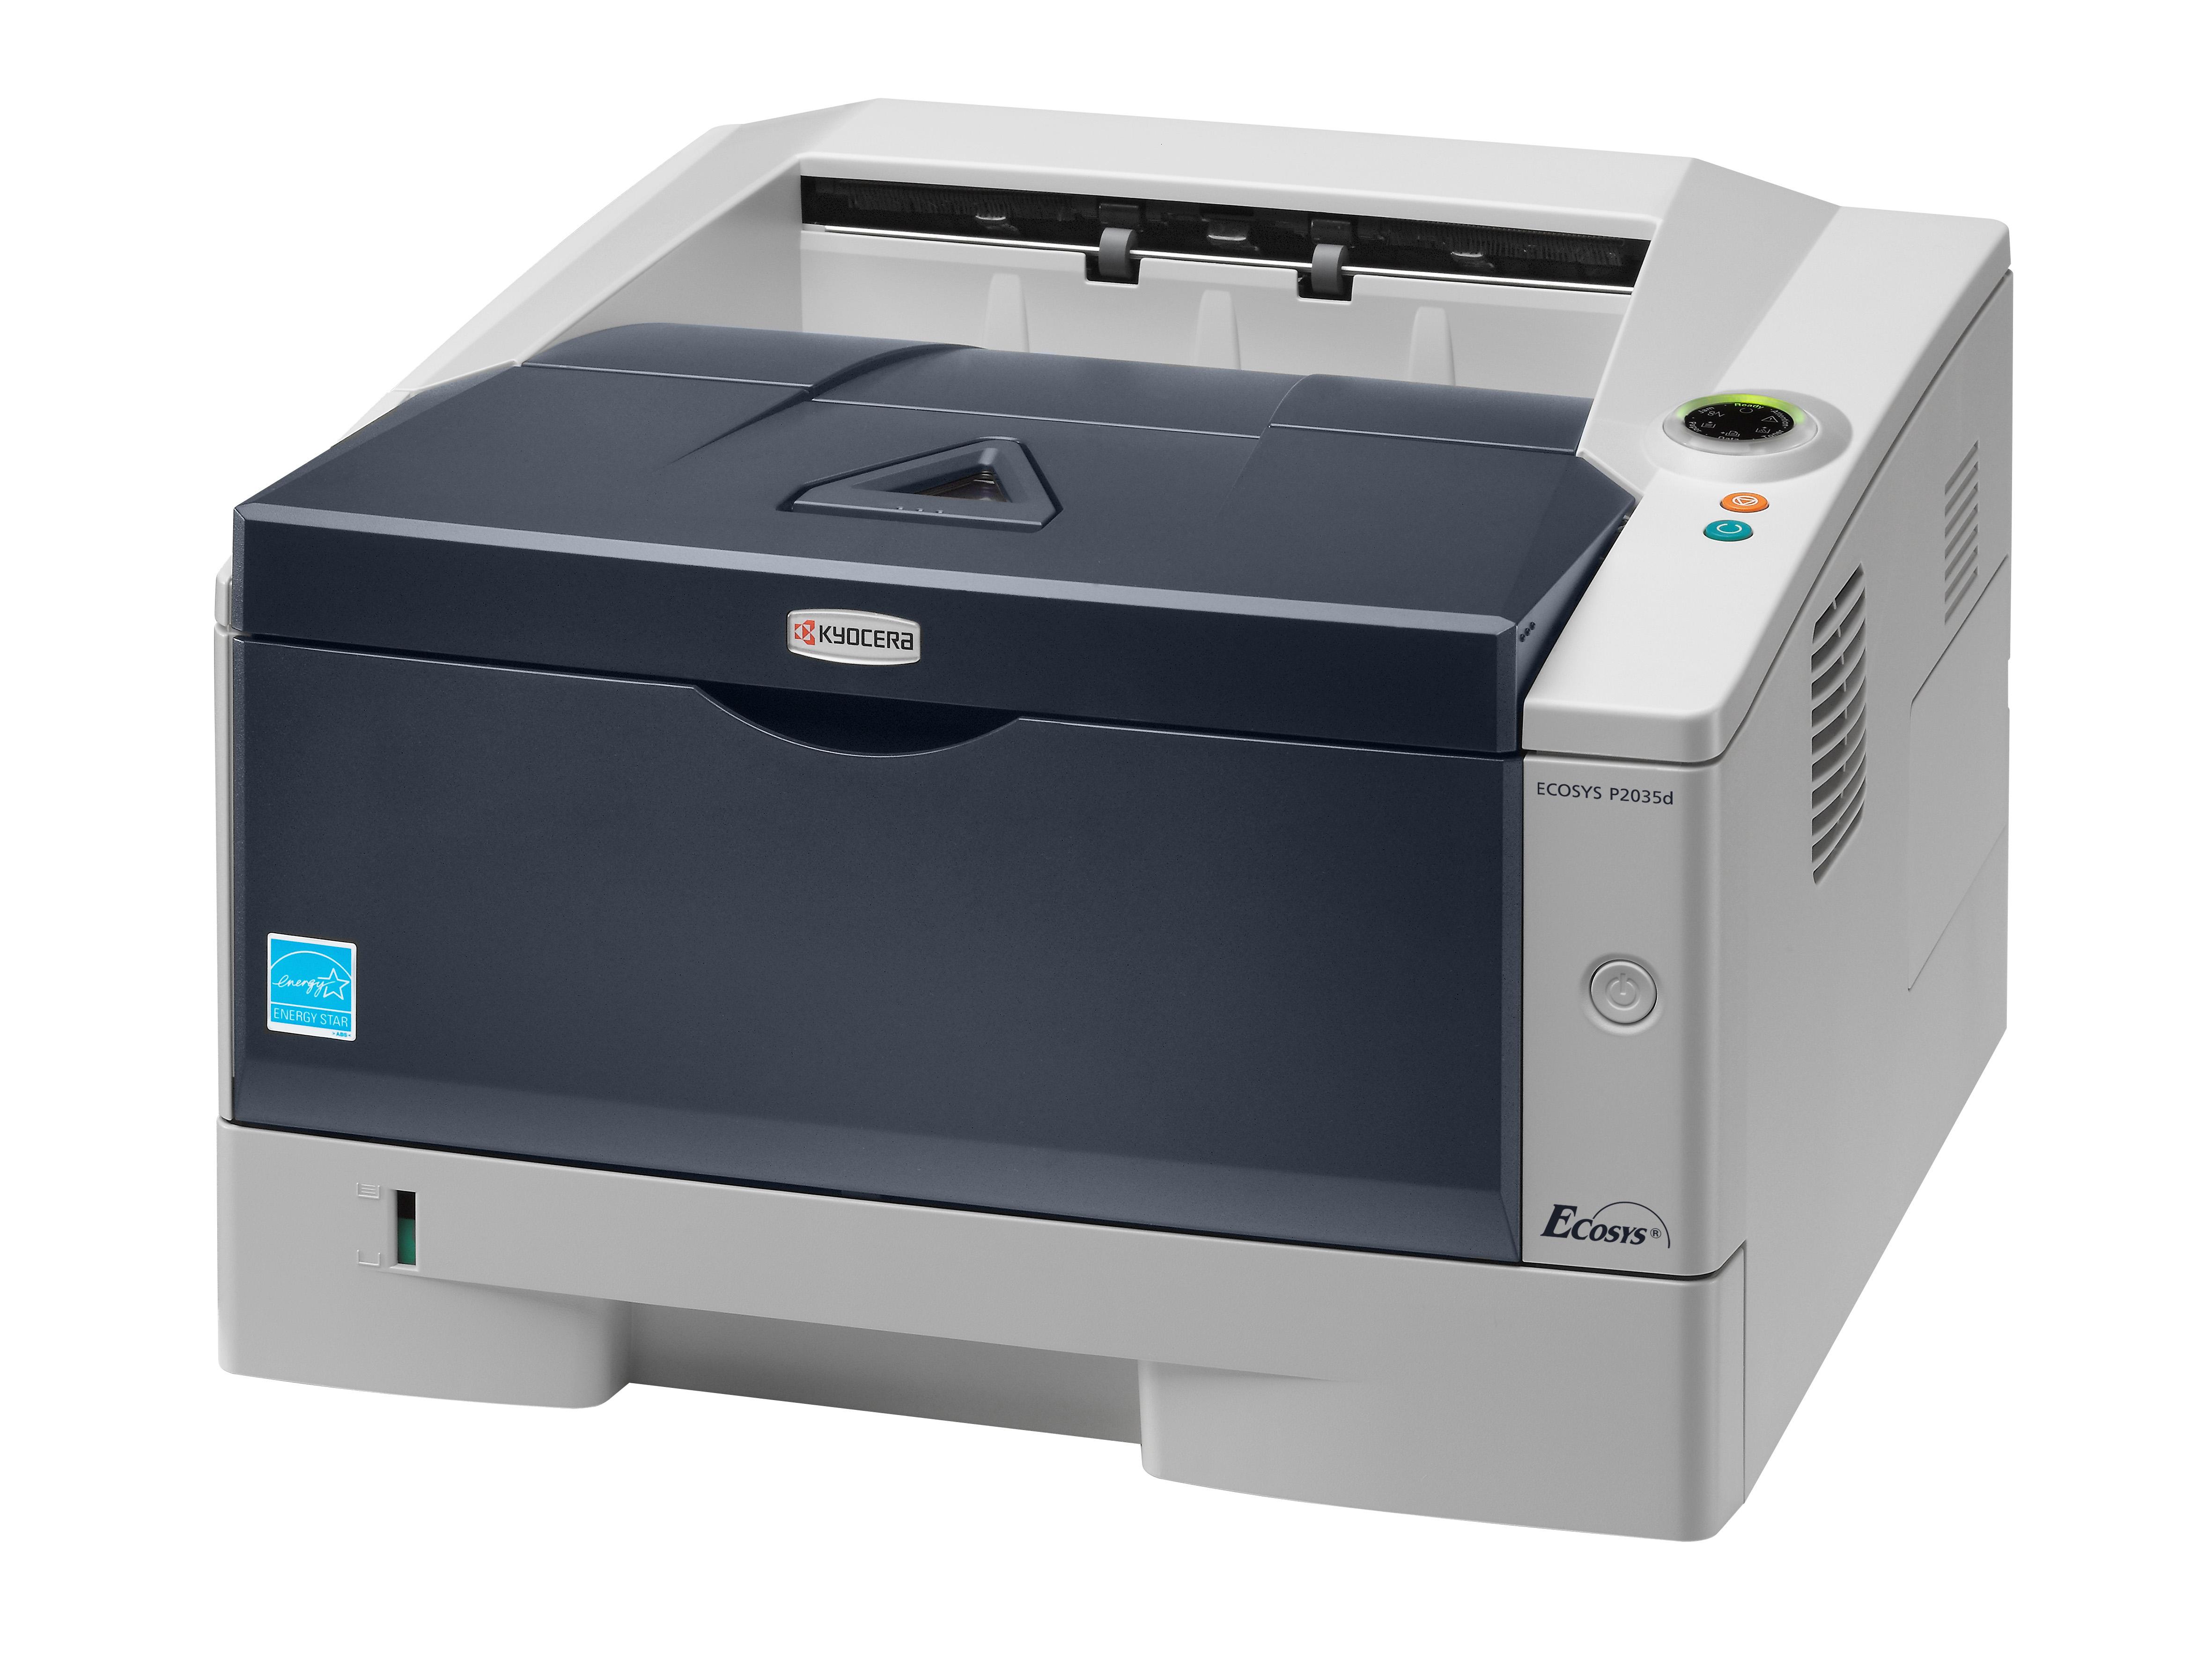 Vorschau: Kyocera ECOSYS P2035d - Drucker - monochrom